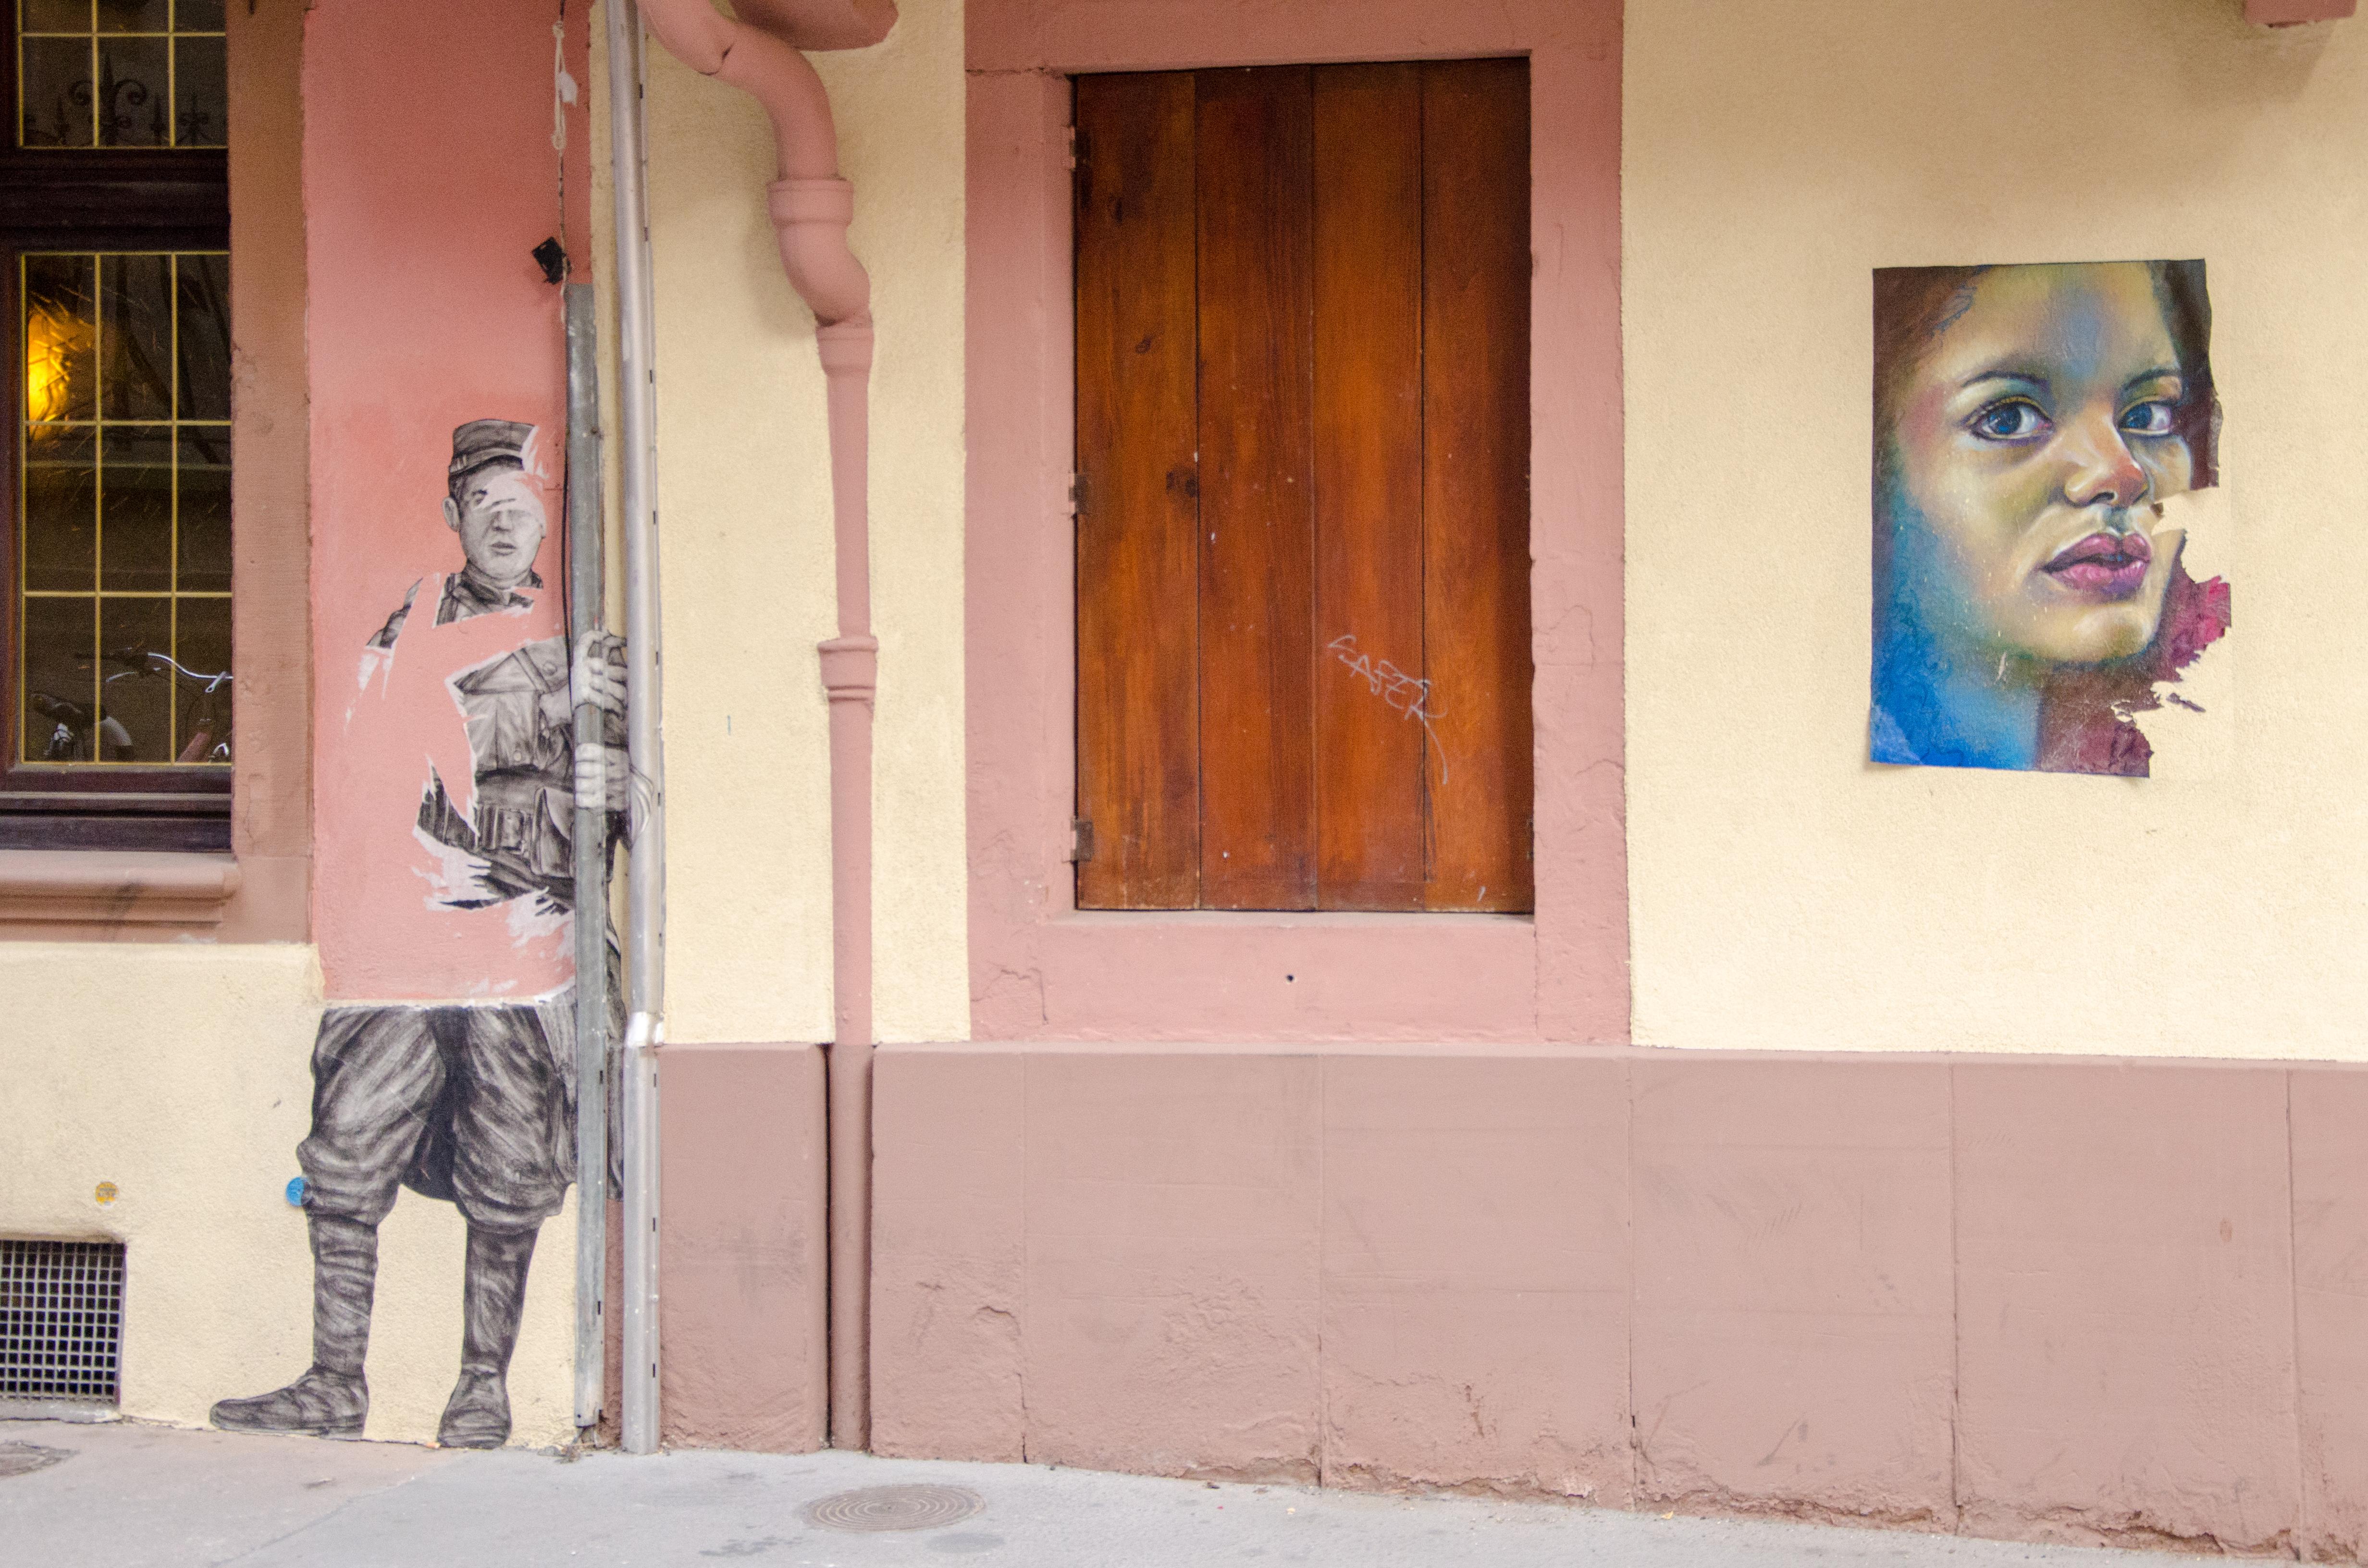 Le soldat en lambeau et la femme en couleur photo